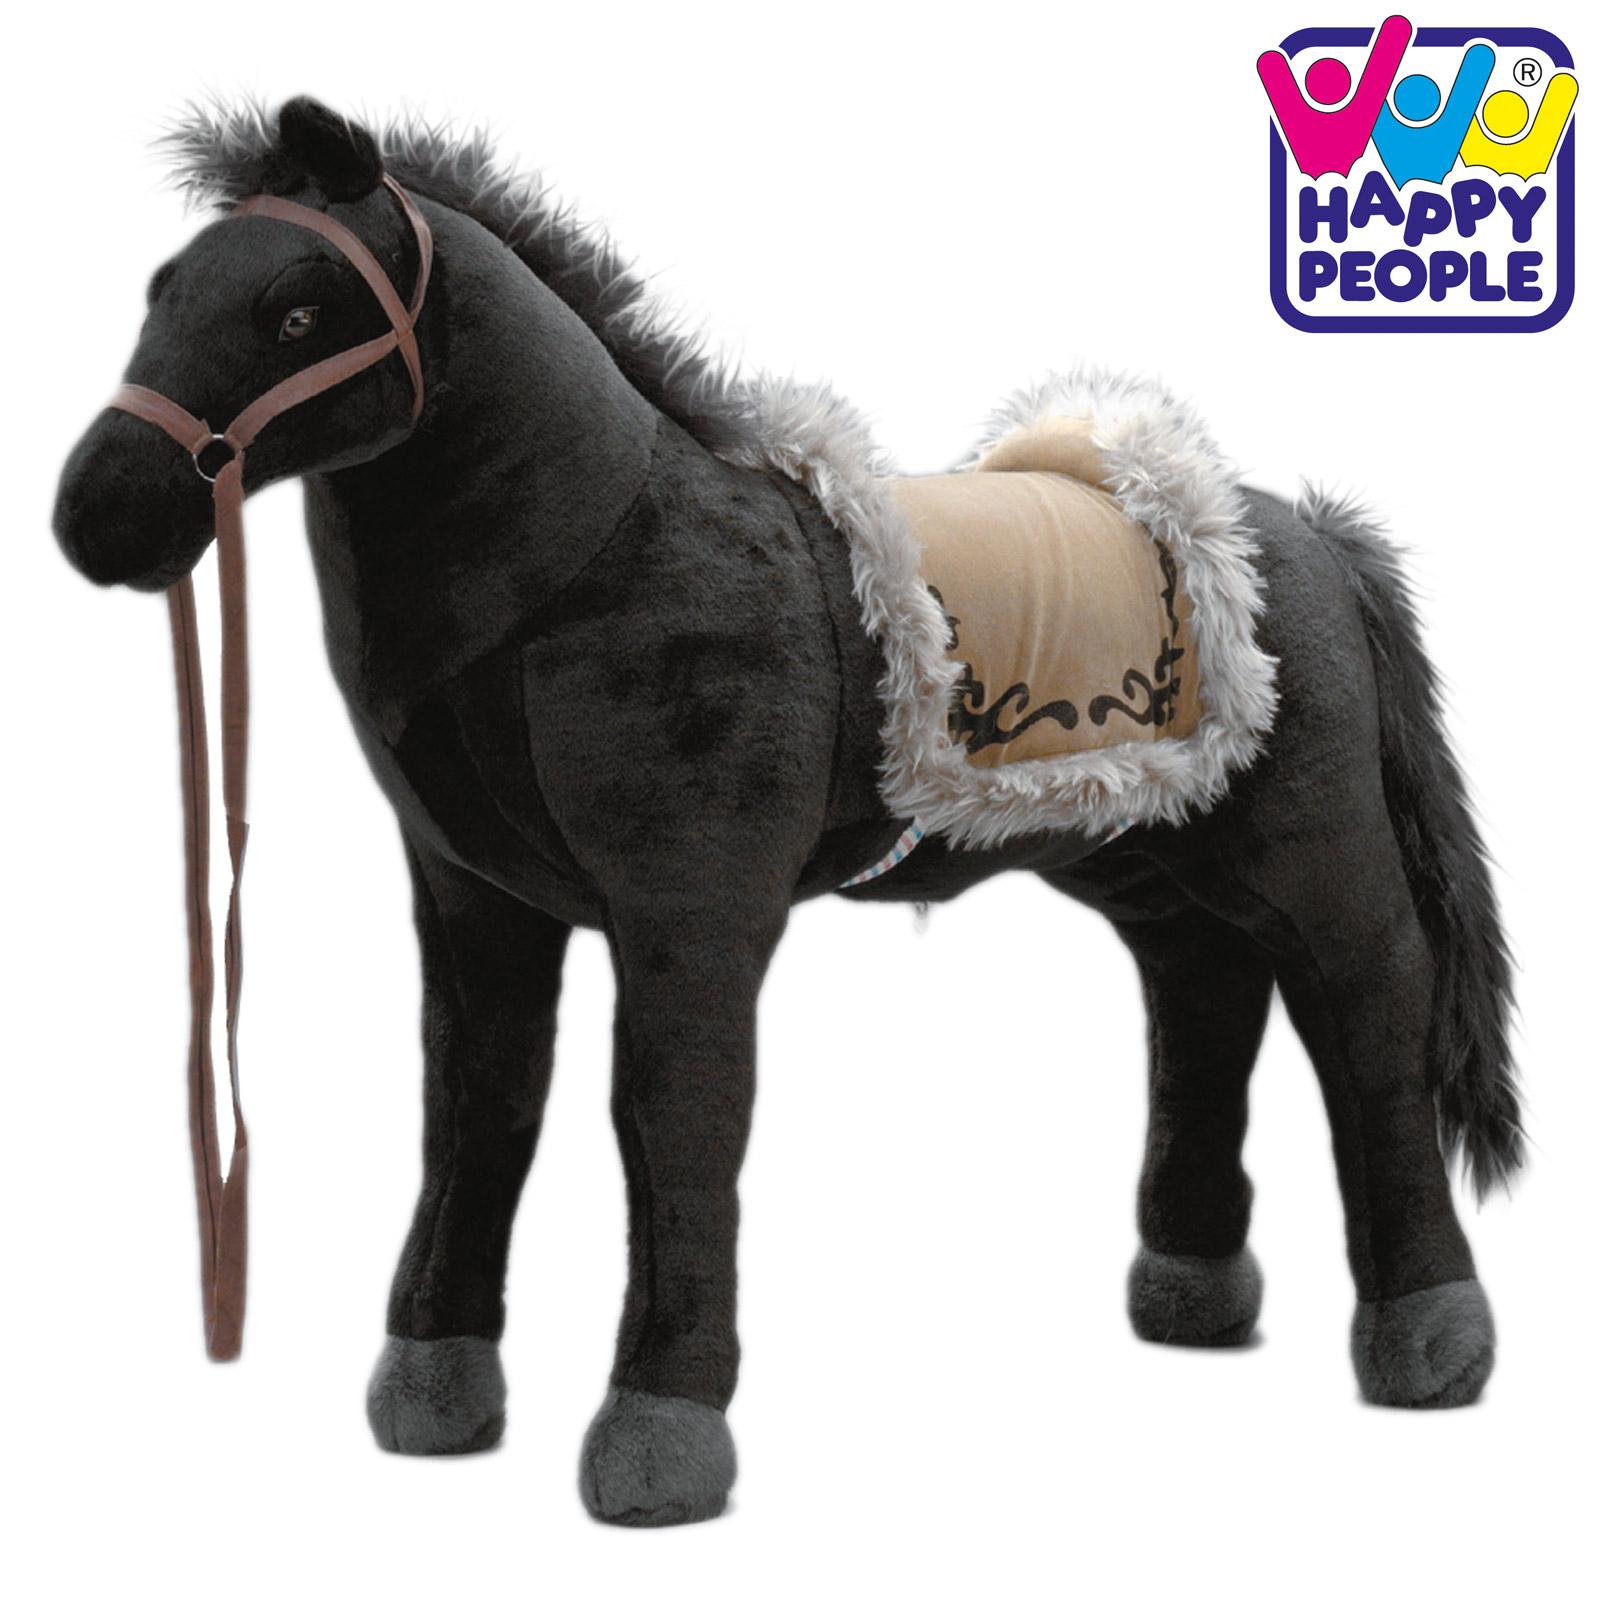 Happy People 58401 Plüschpferd Pferd Rappe mit Sound stehend